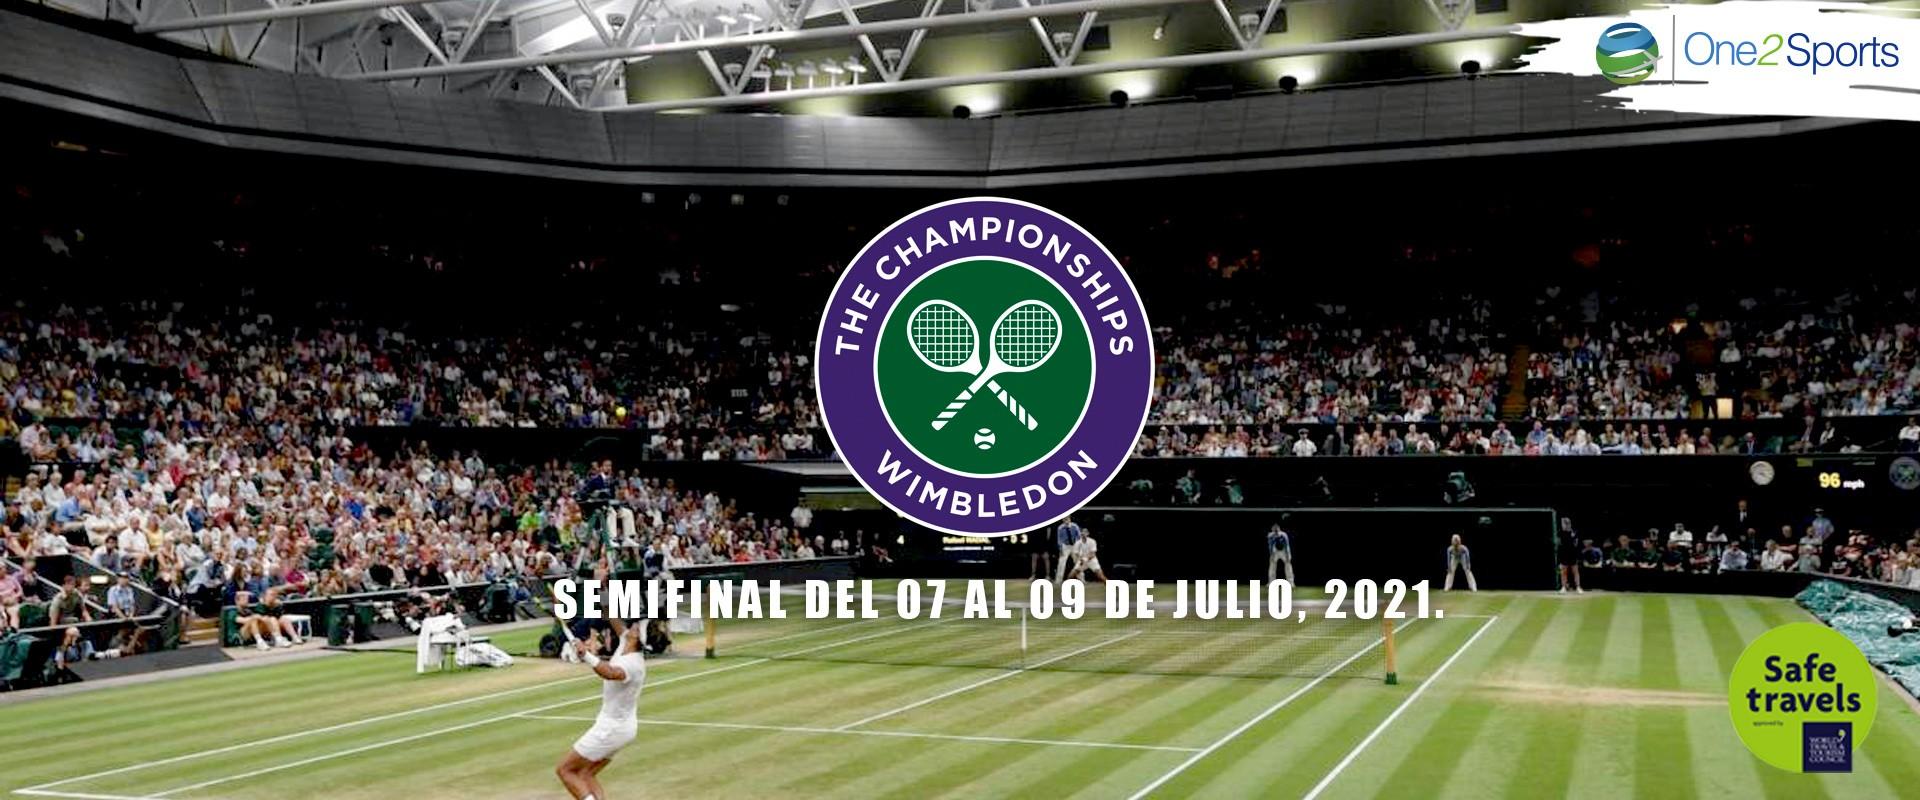 Wimbledon Semifinal